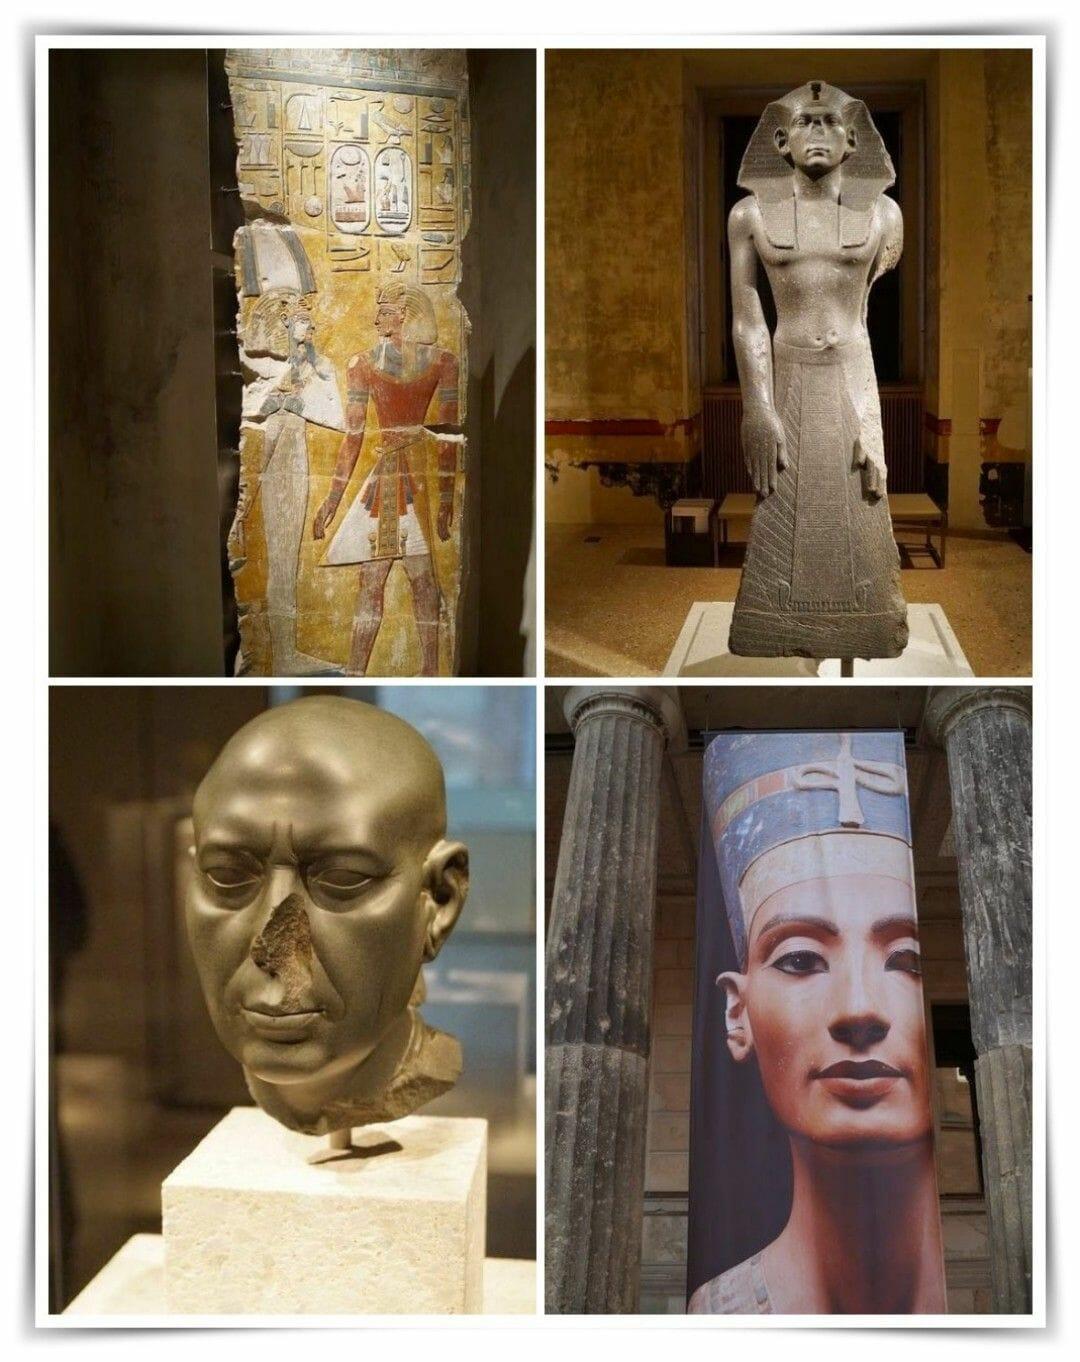 egipto museos berlin